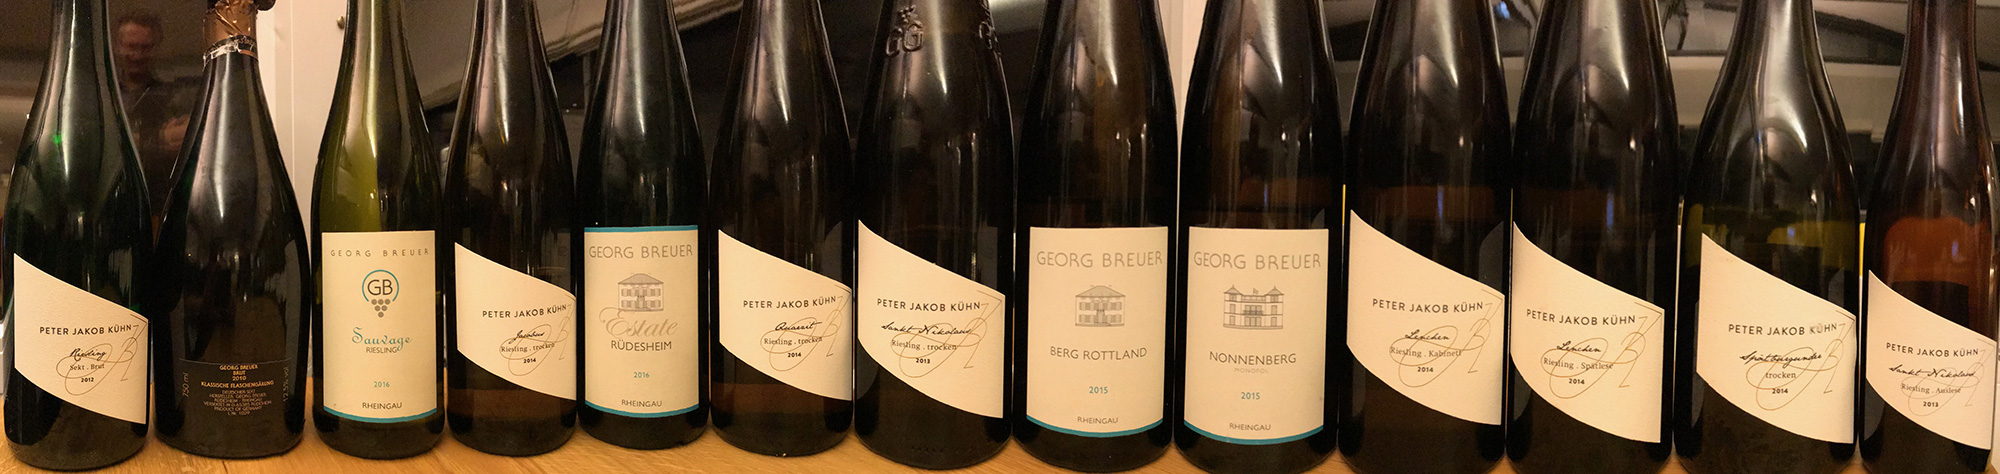 Les Vins Allemands : Commentaires de dégustation